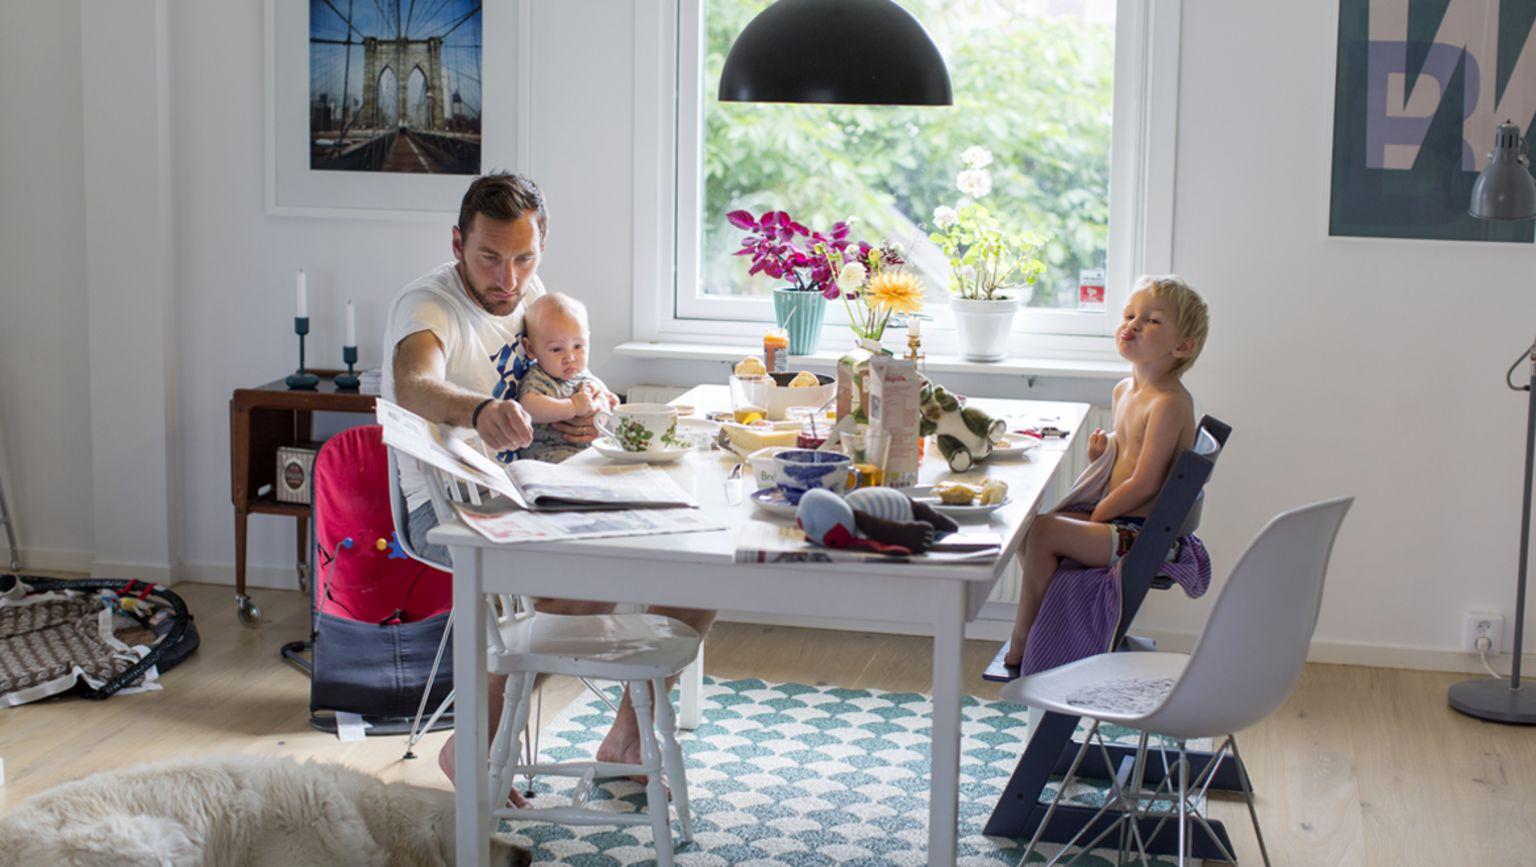 Familj sitter och äter frukost i en typisk vardagssituation.